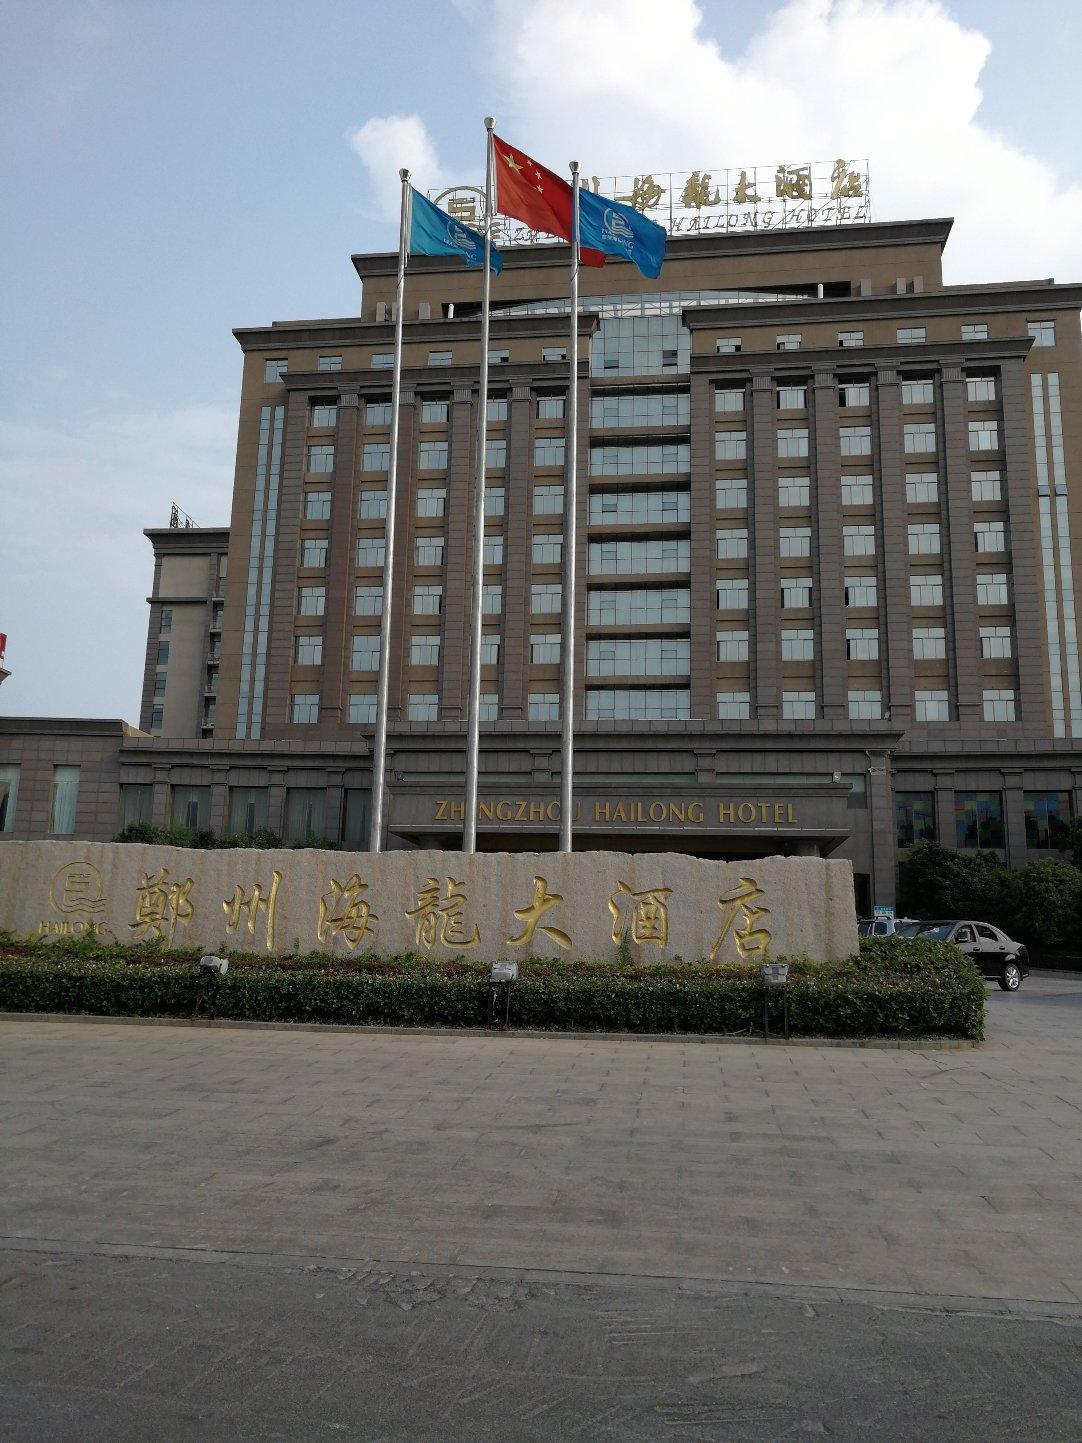 河南省郑州市荥阳市索河路靠近郑州海龙大酒店天气预报